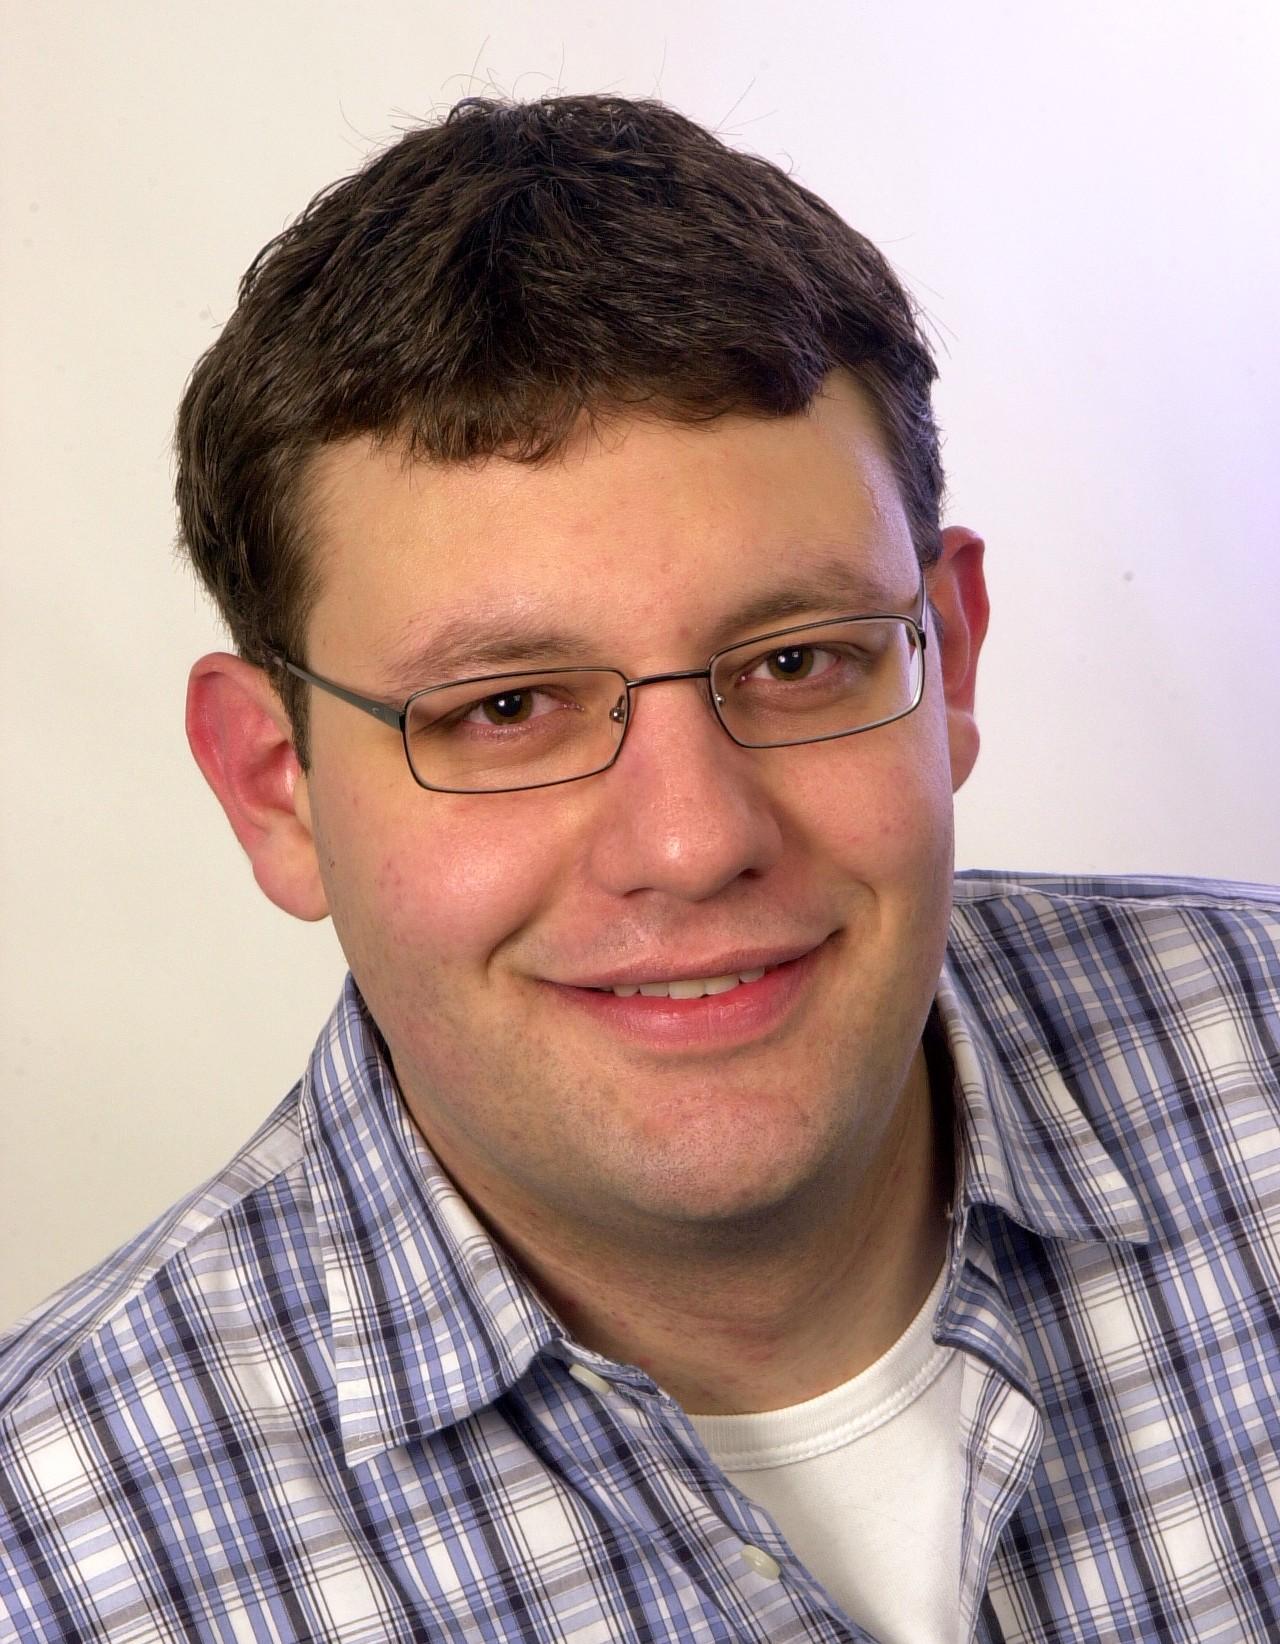 Johannes Knapp, Vorsitzender des VBE-Kreisverbandes Stuttgart